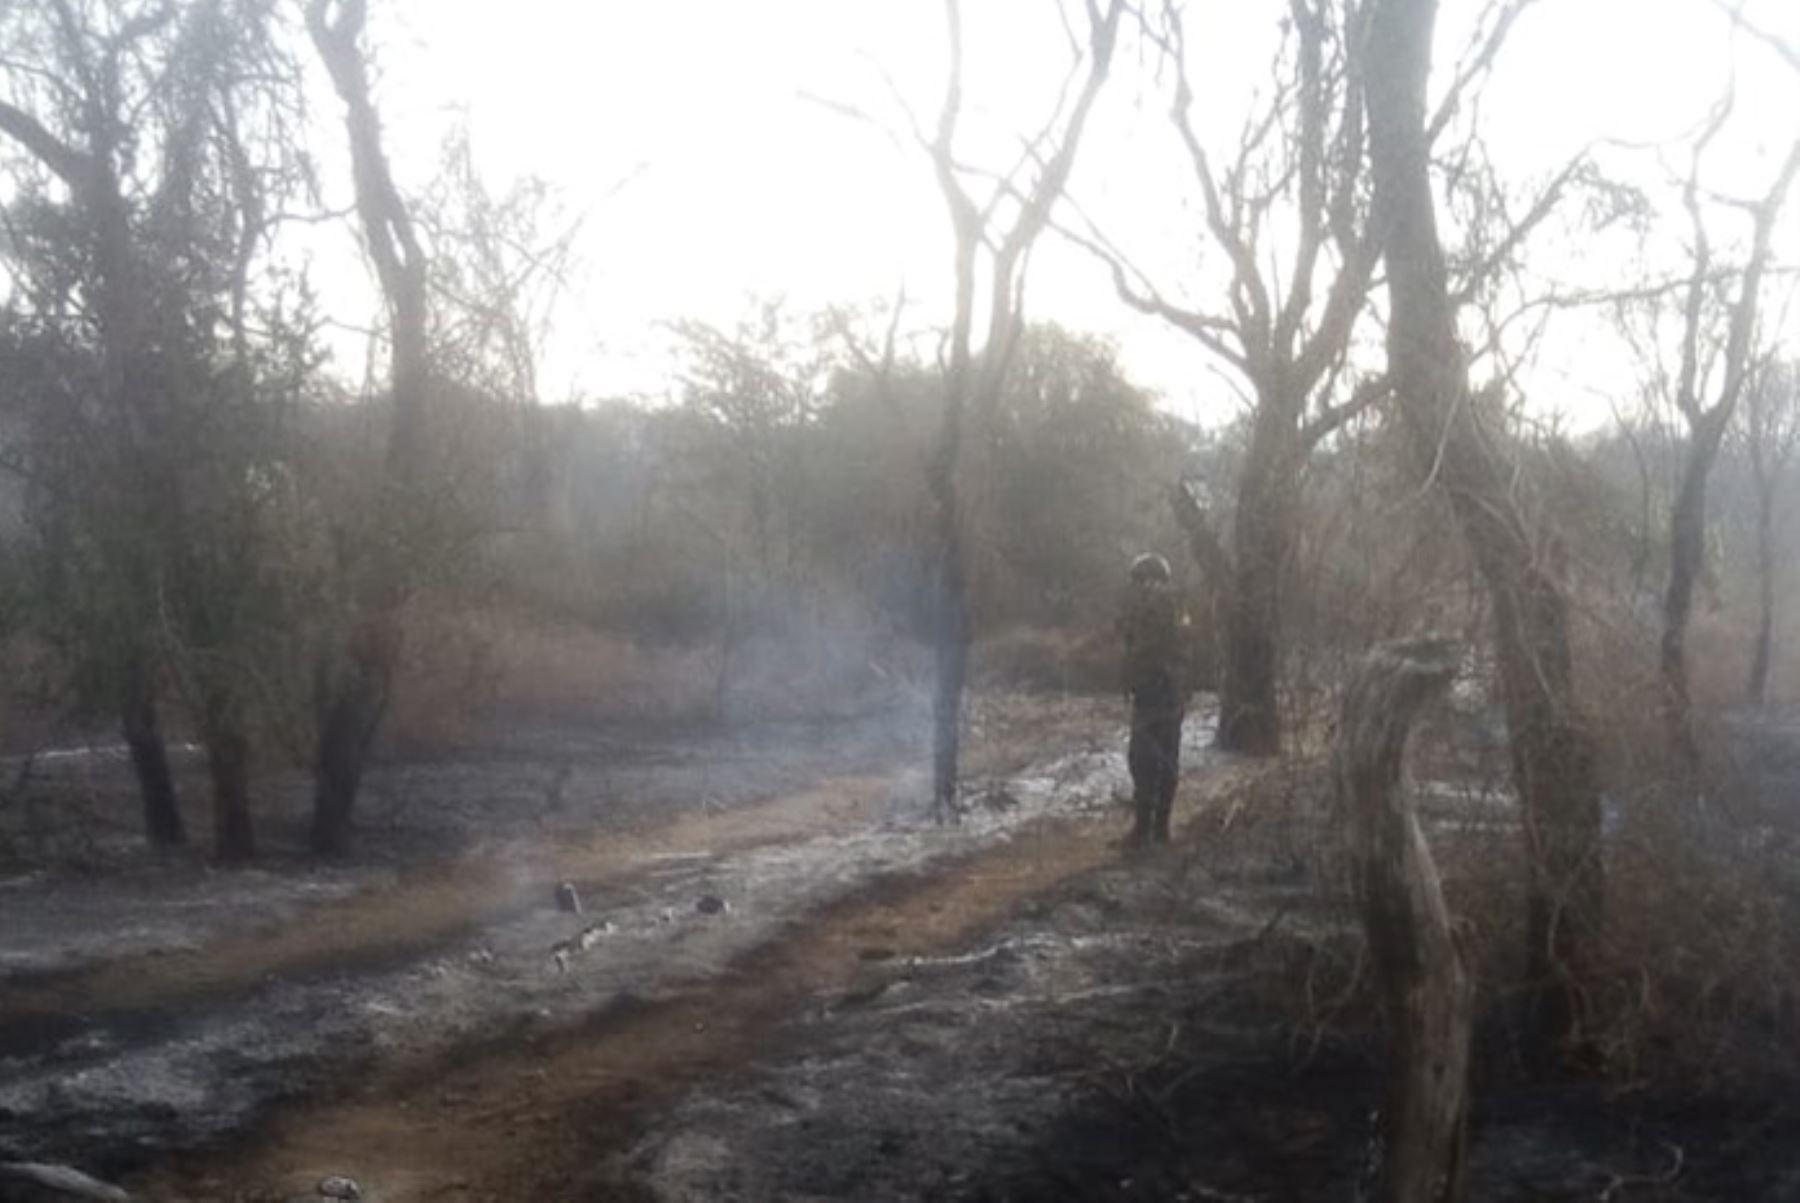 Bomberos y personal de serenazgo luchan para controlar incendio forestal en el caserío Humedales del distrito de Motupe, región Lambayeque.